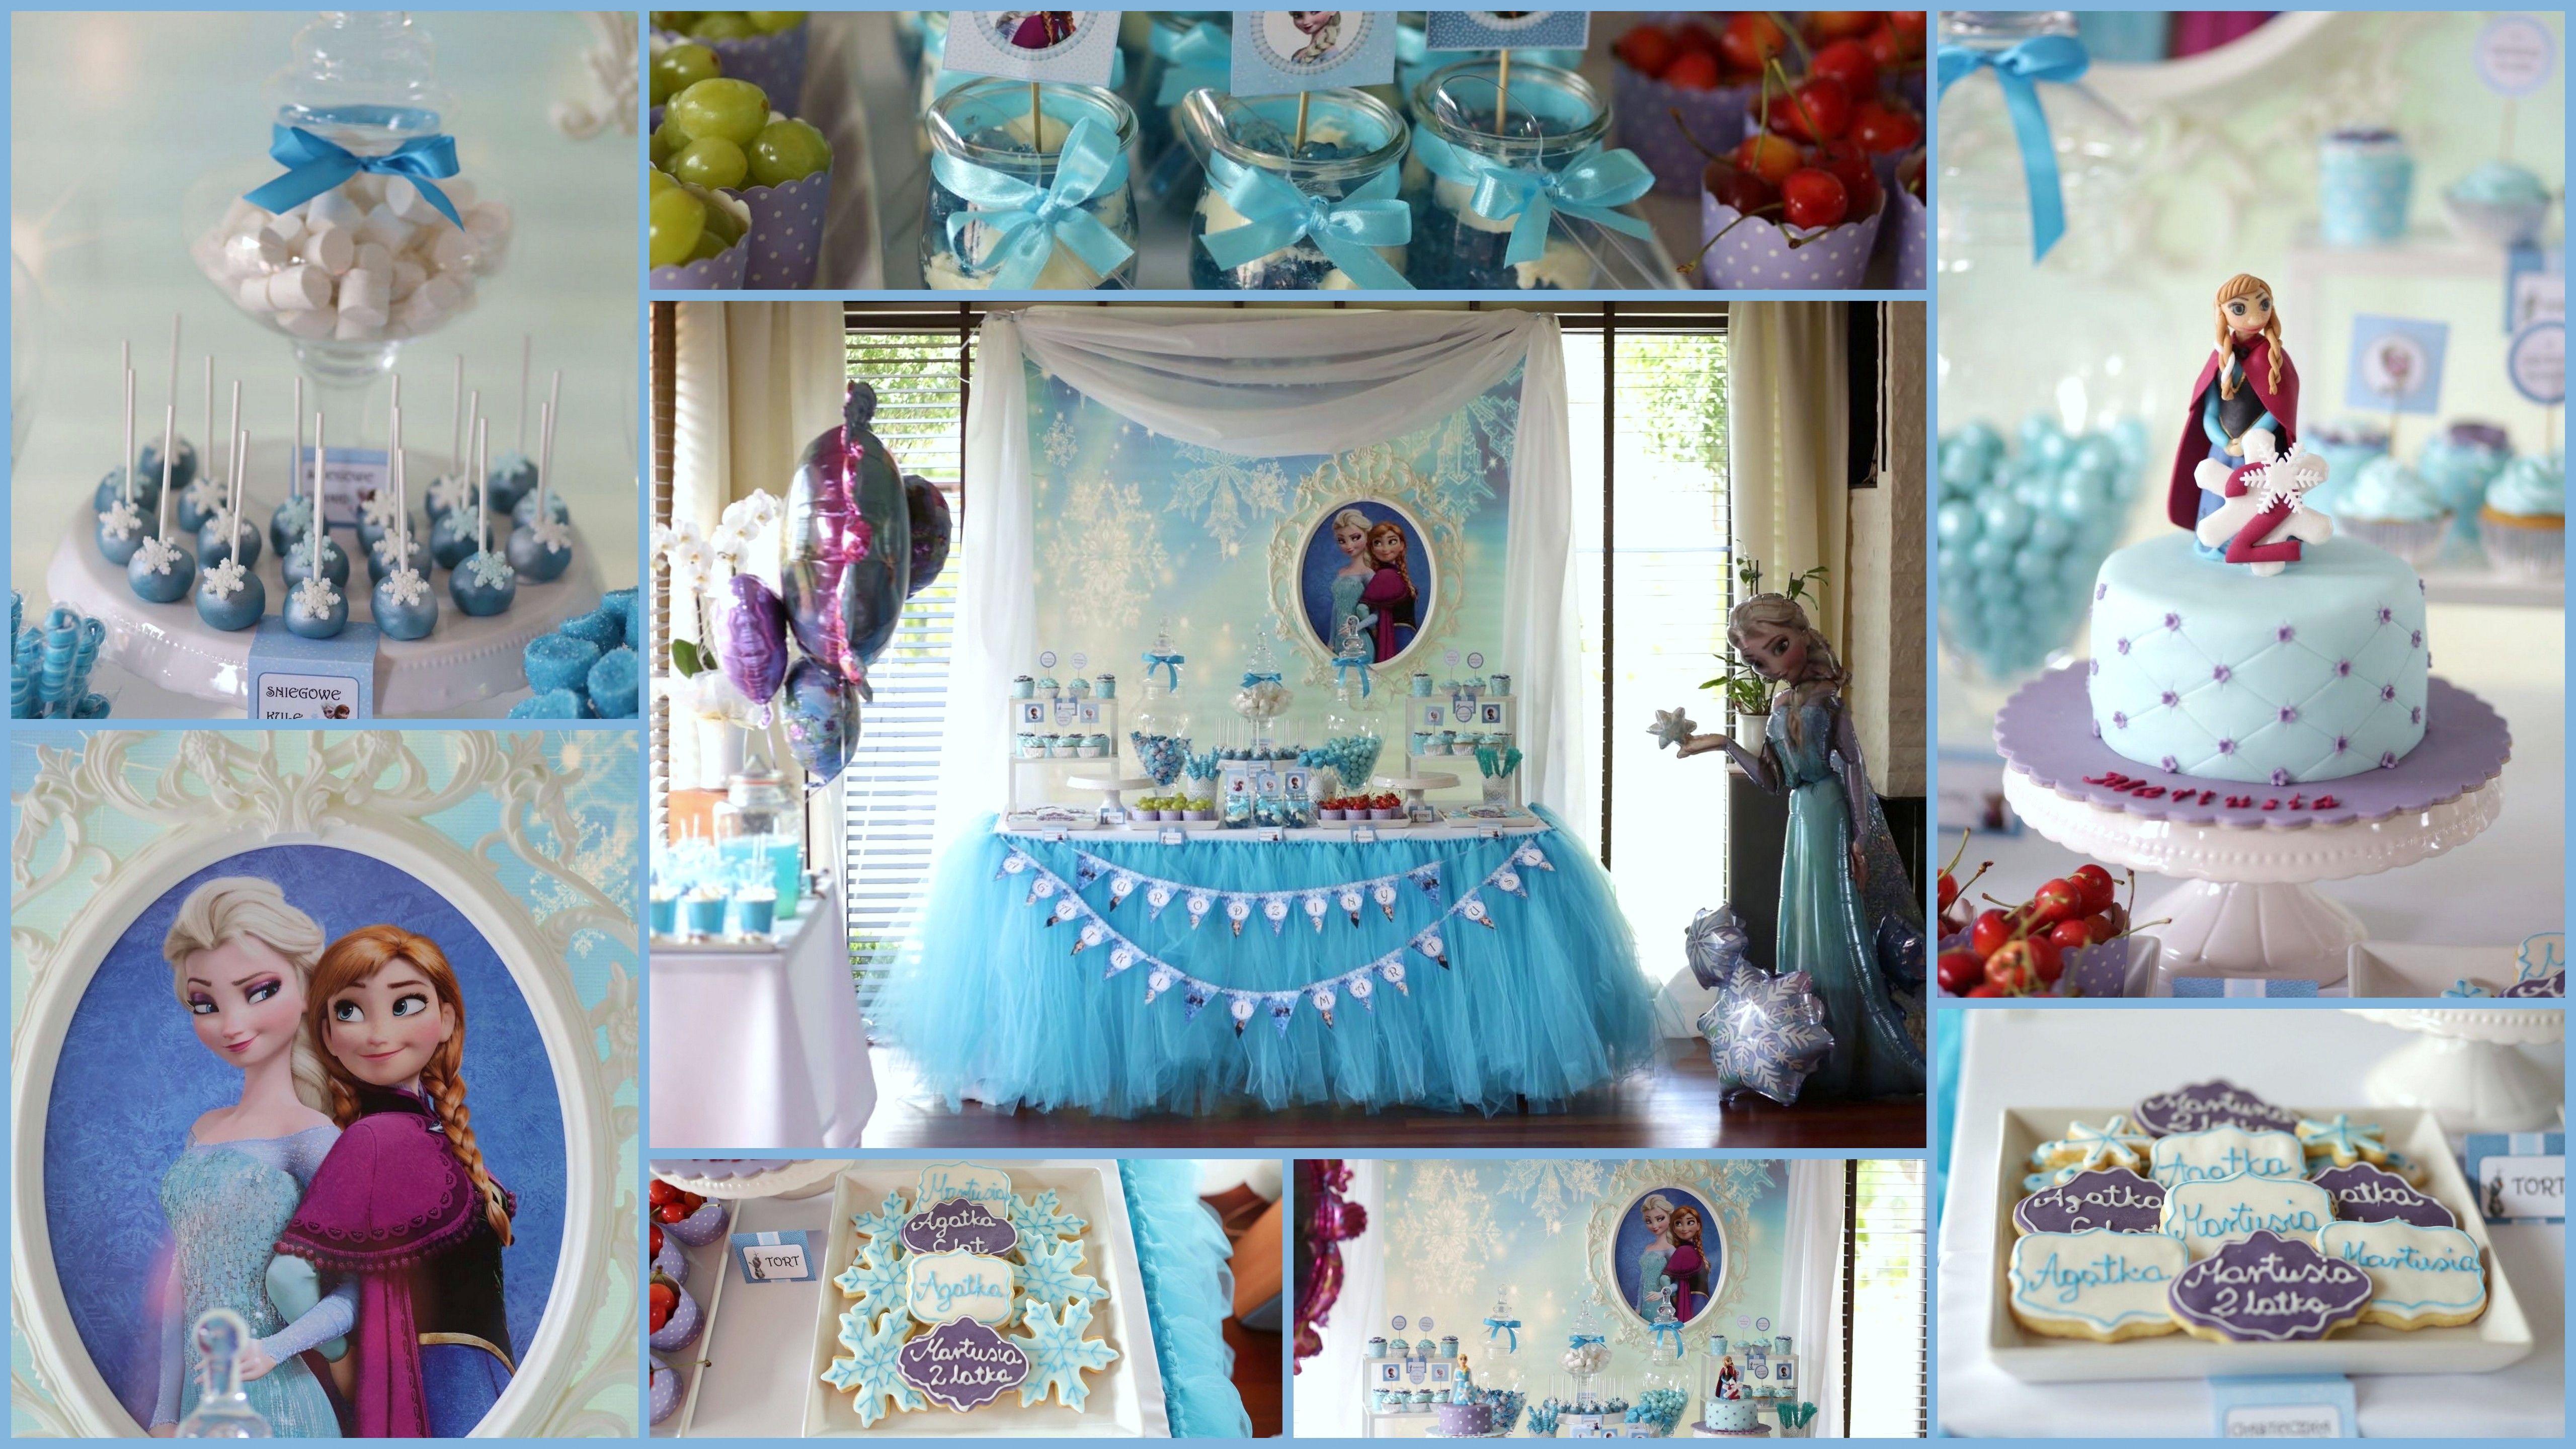 Urodziny W Stylu Krainy Lodu Frozen Birthday Party Just Sweet Studio With Images Frozen Birthday Party Urodziny Frozen